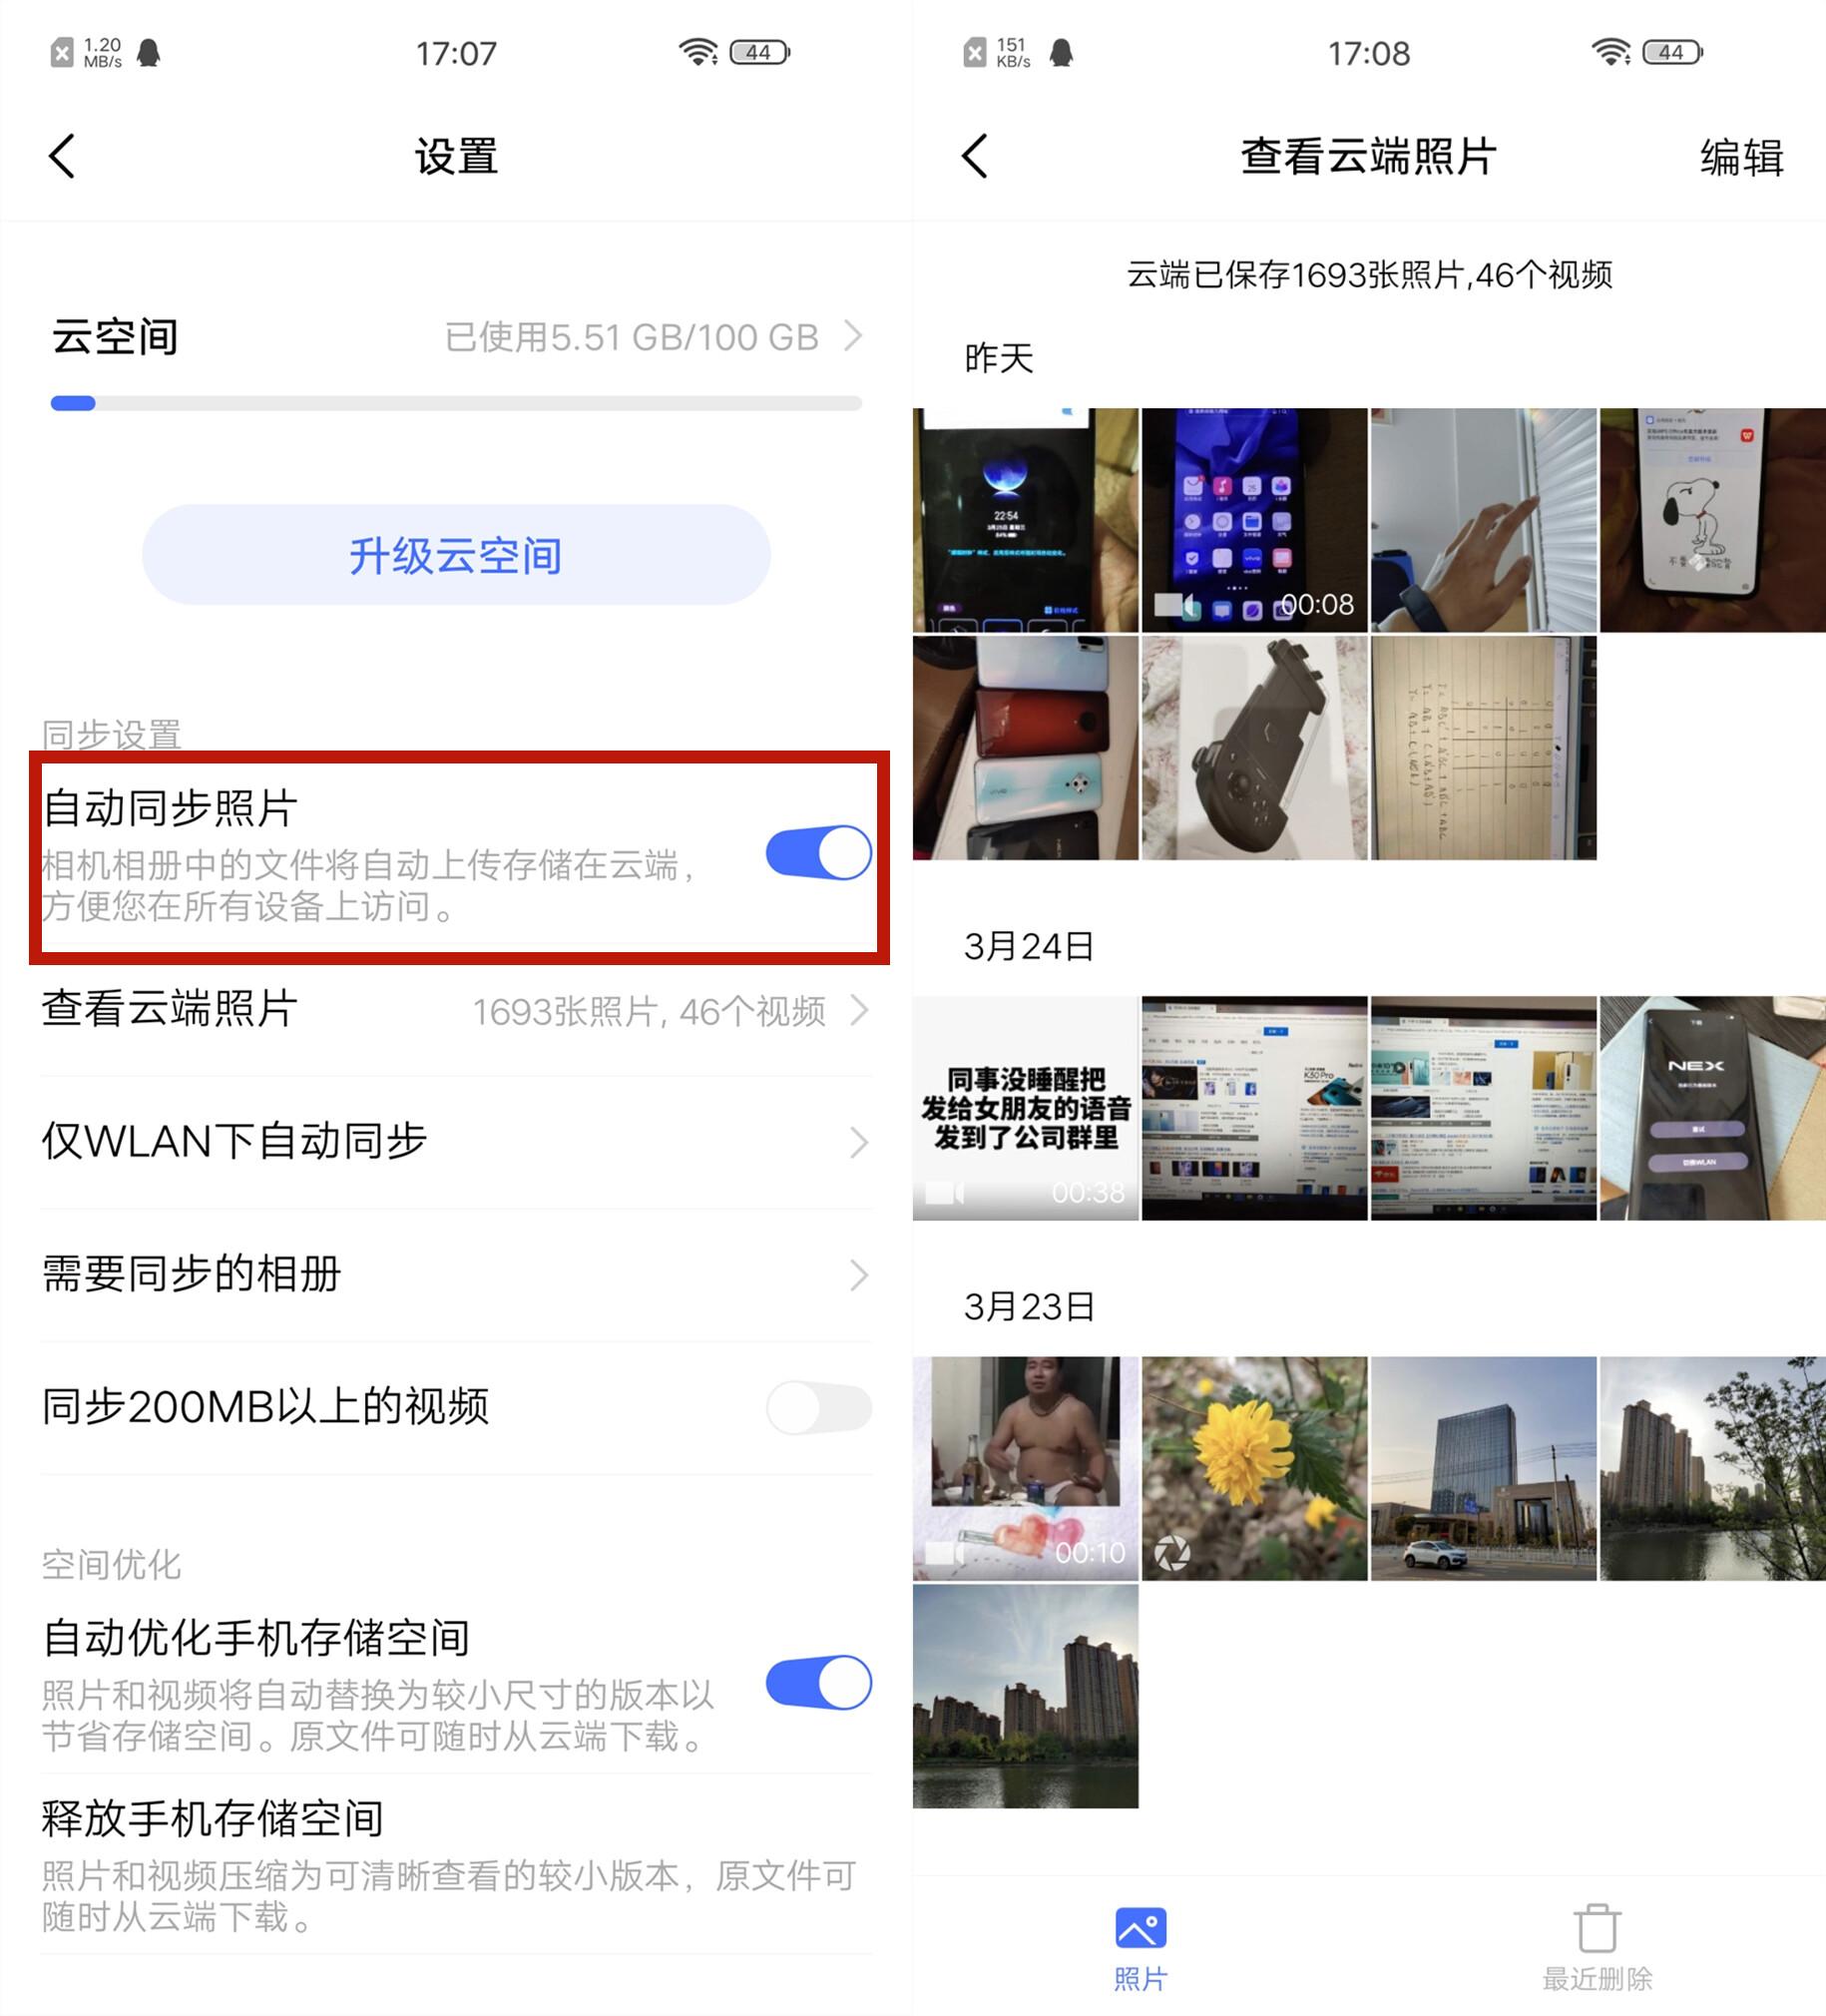 Screenshot_20200326_170708_副本.jpg